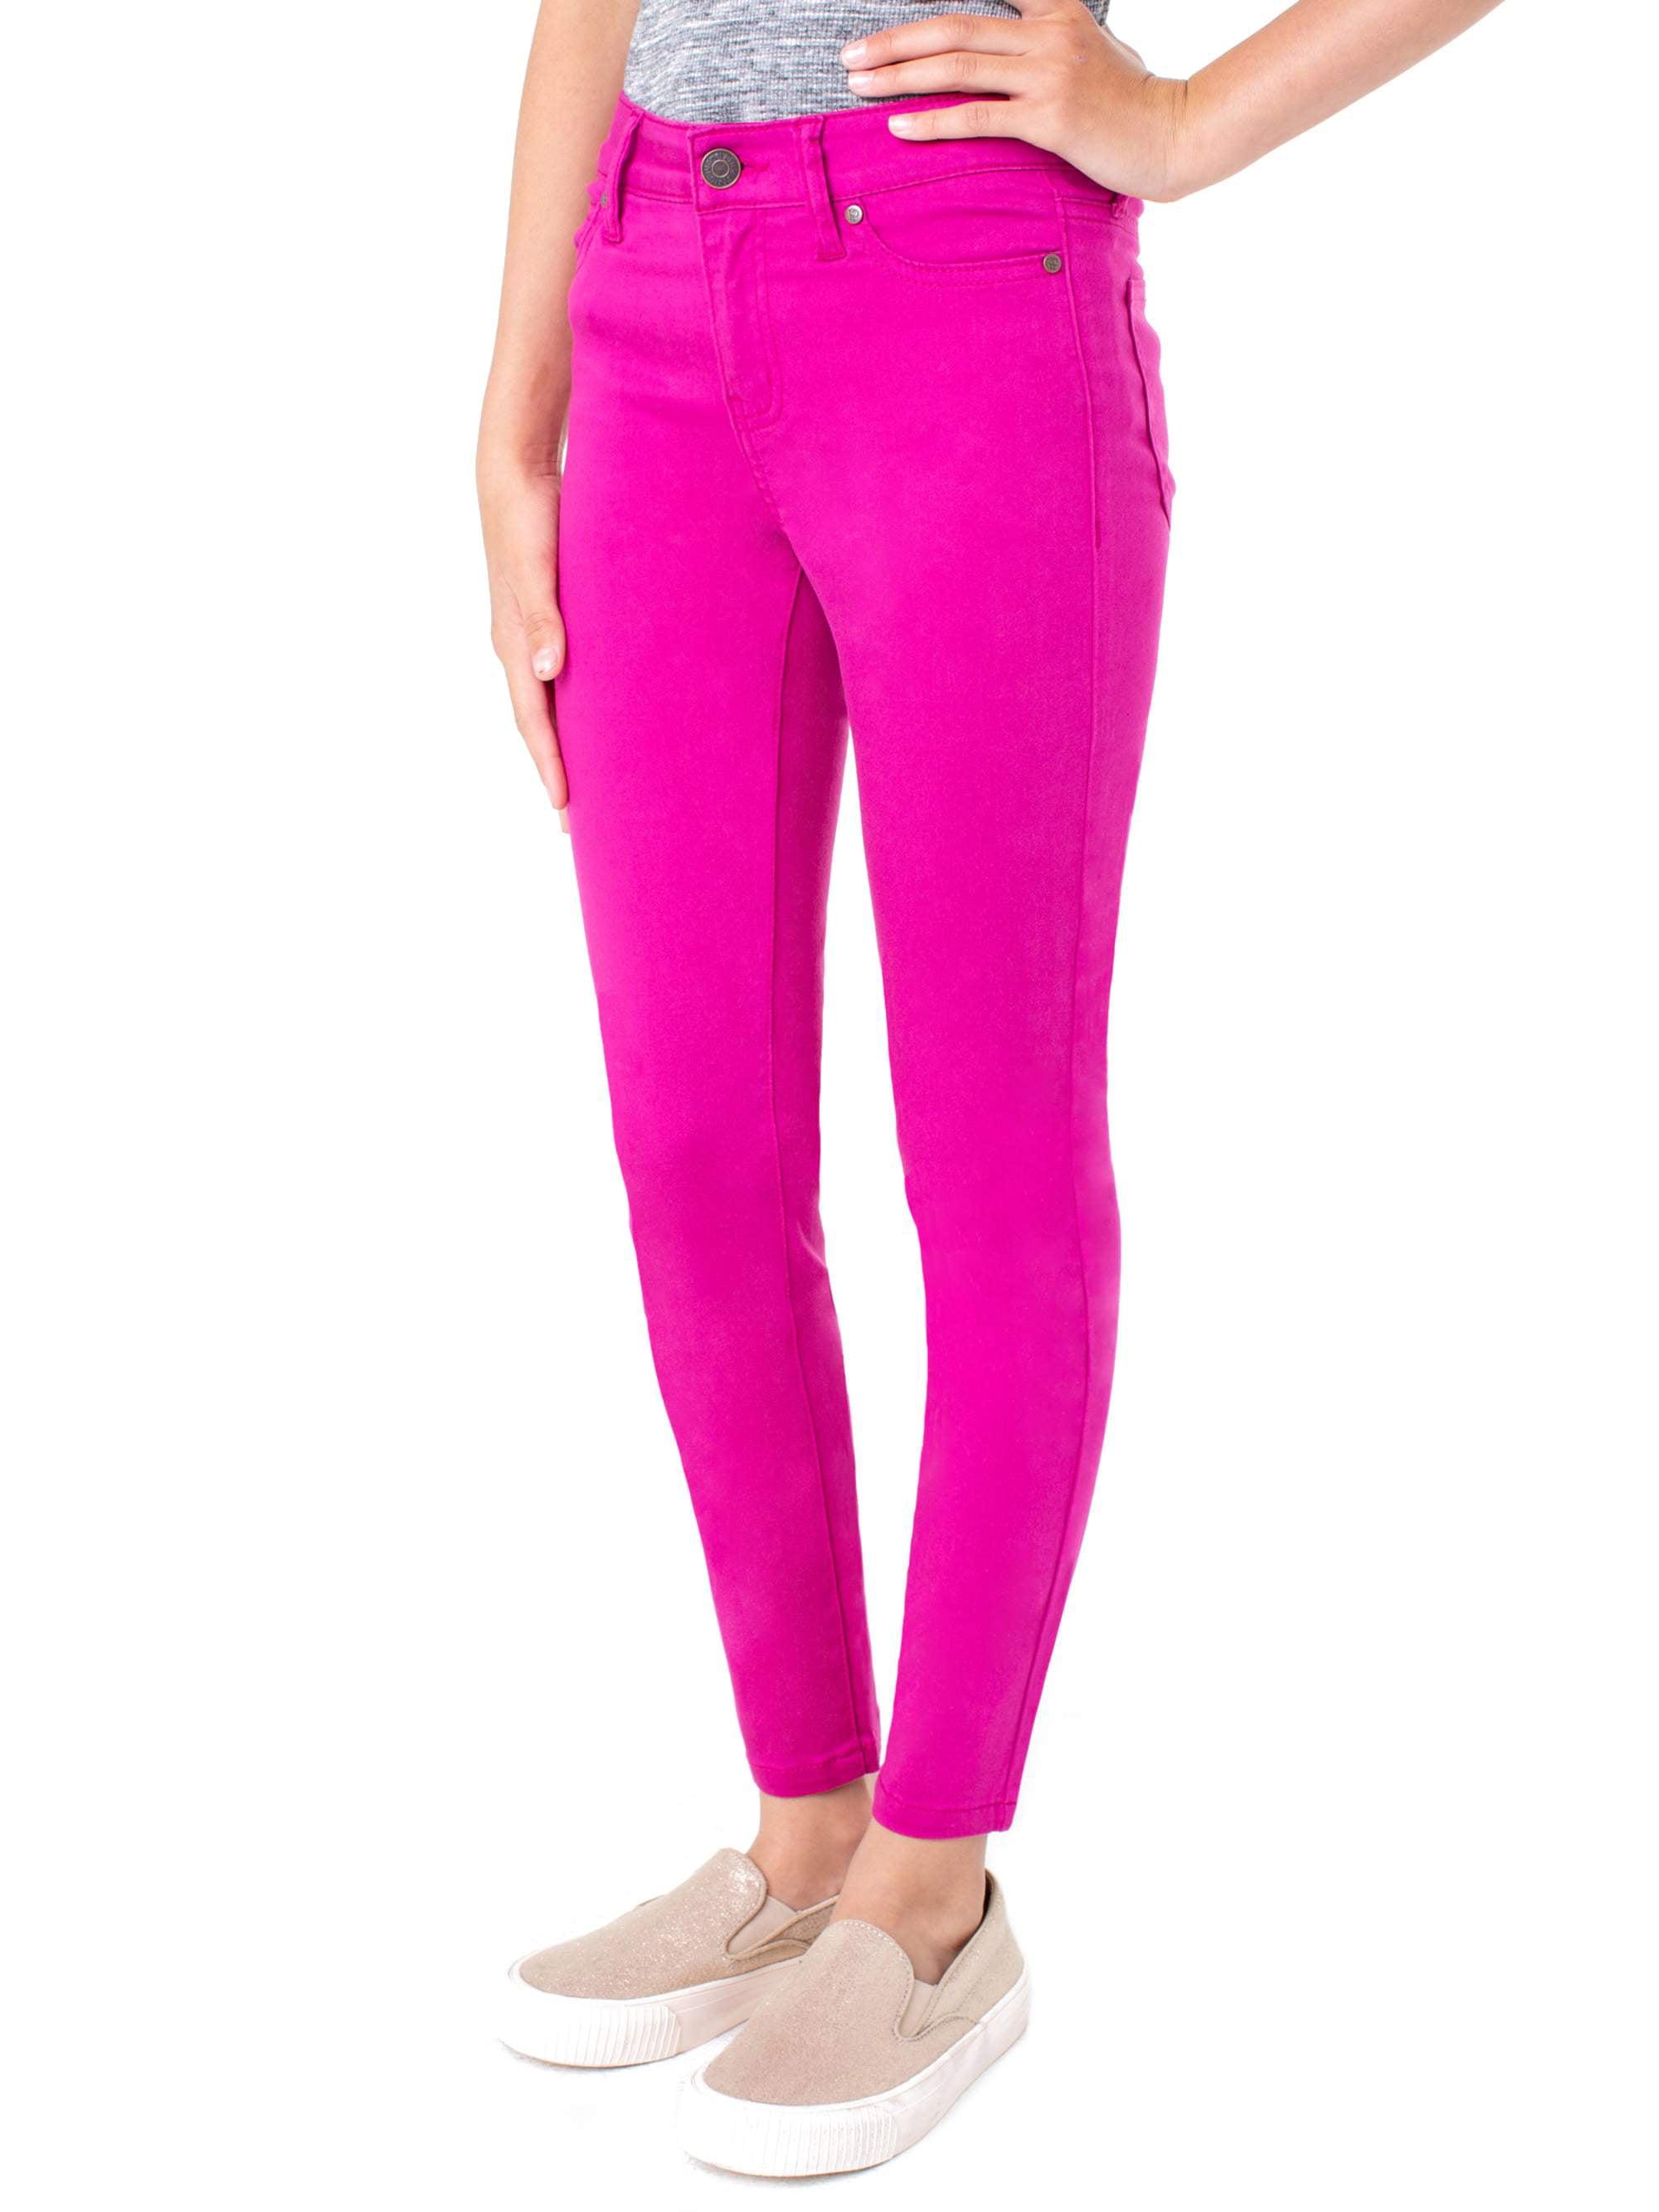 Planet Pink Skinny Color Jean (Little Girls & Big Girls)